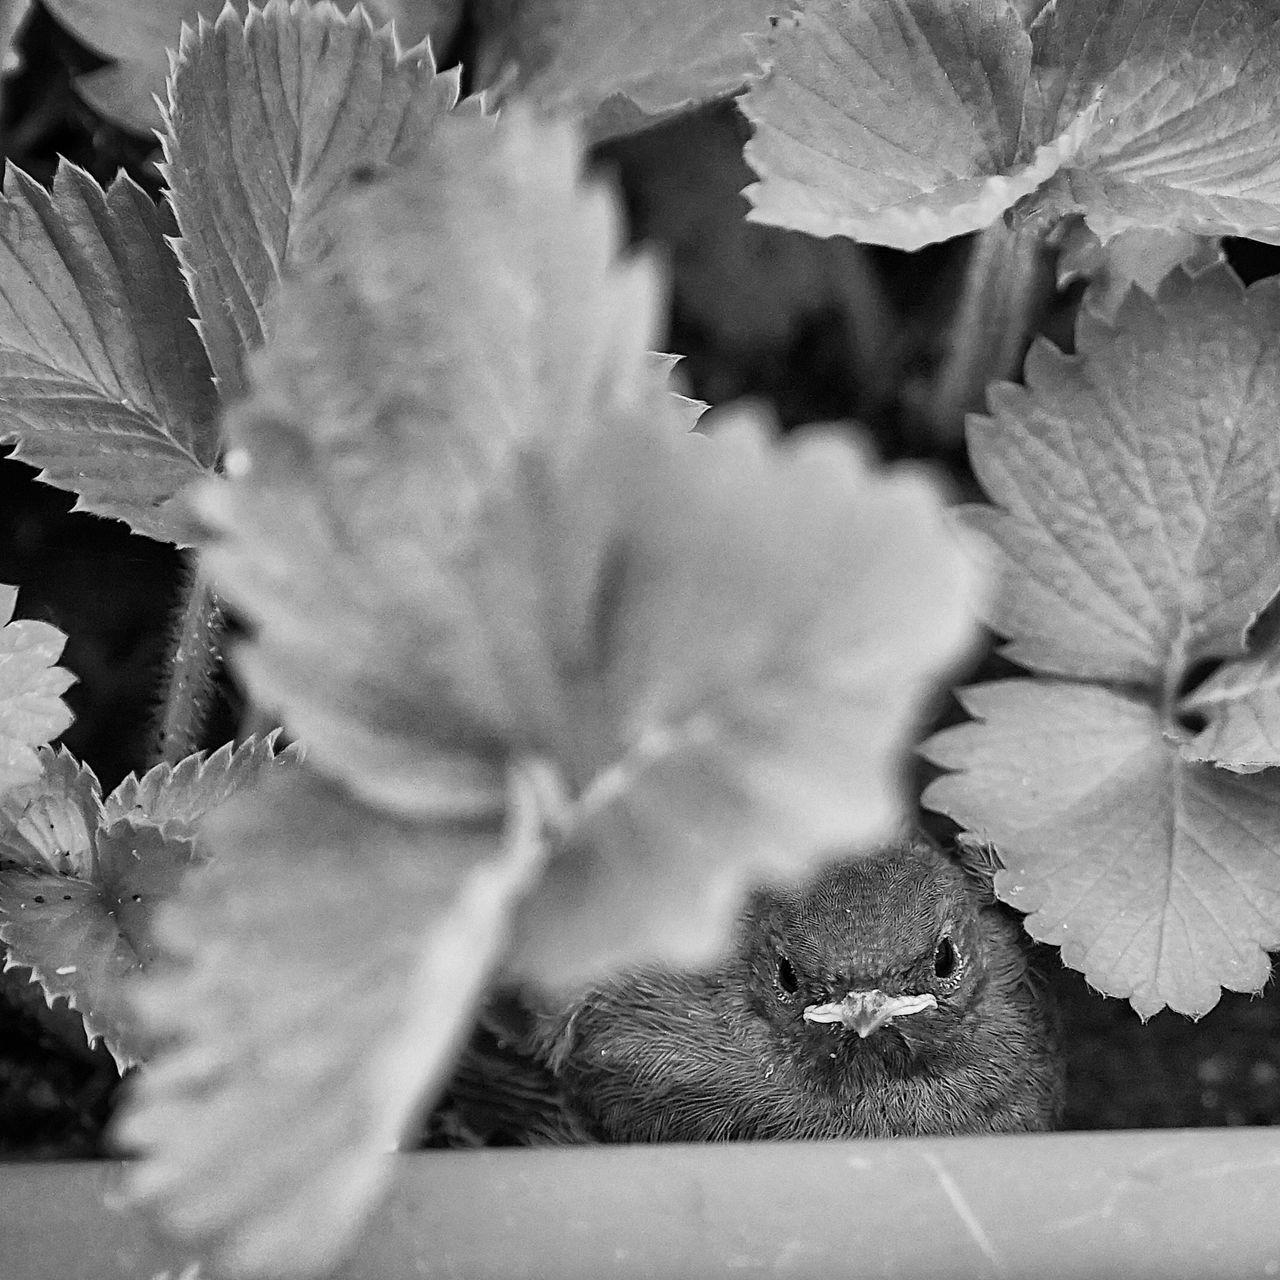 Animals In The Wild Animals In The Wild Baby Birds Black Redstart (Phoenicurus Ochruros) Close-up EyeEm Black&white! EyeEm Nature Lover Fledgling Leaf On My Balcony One Animal Redstart Strawberries